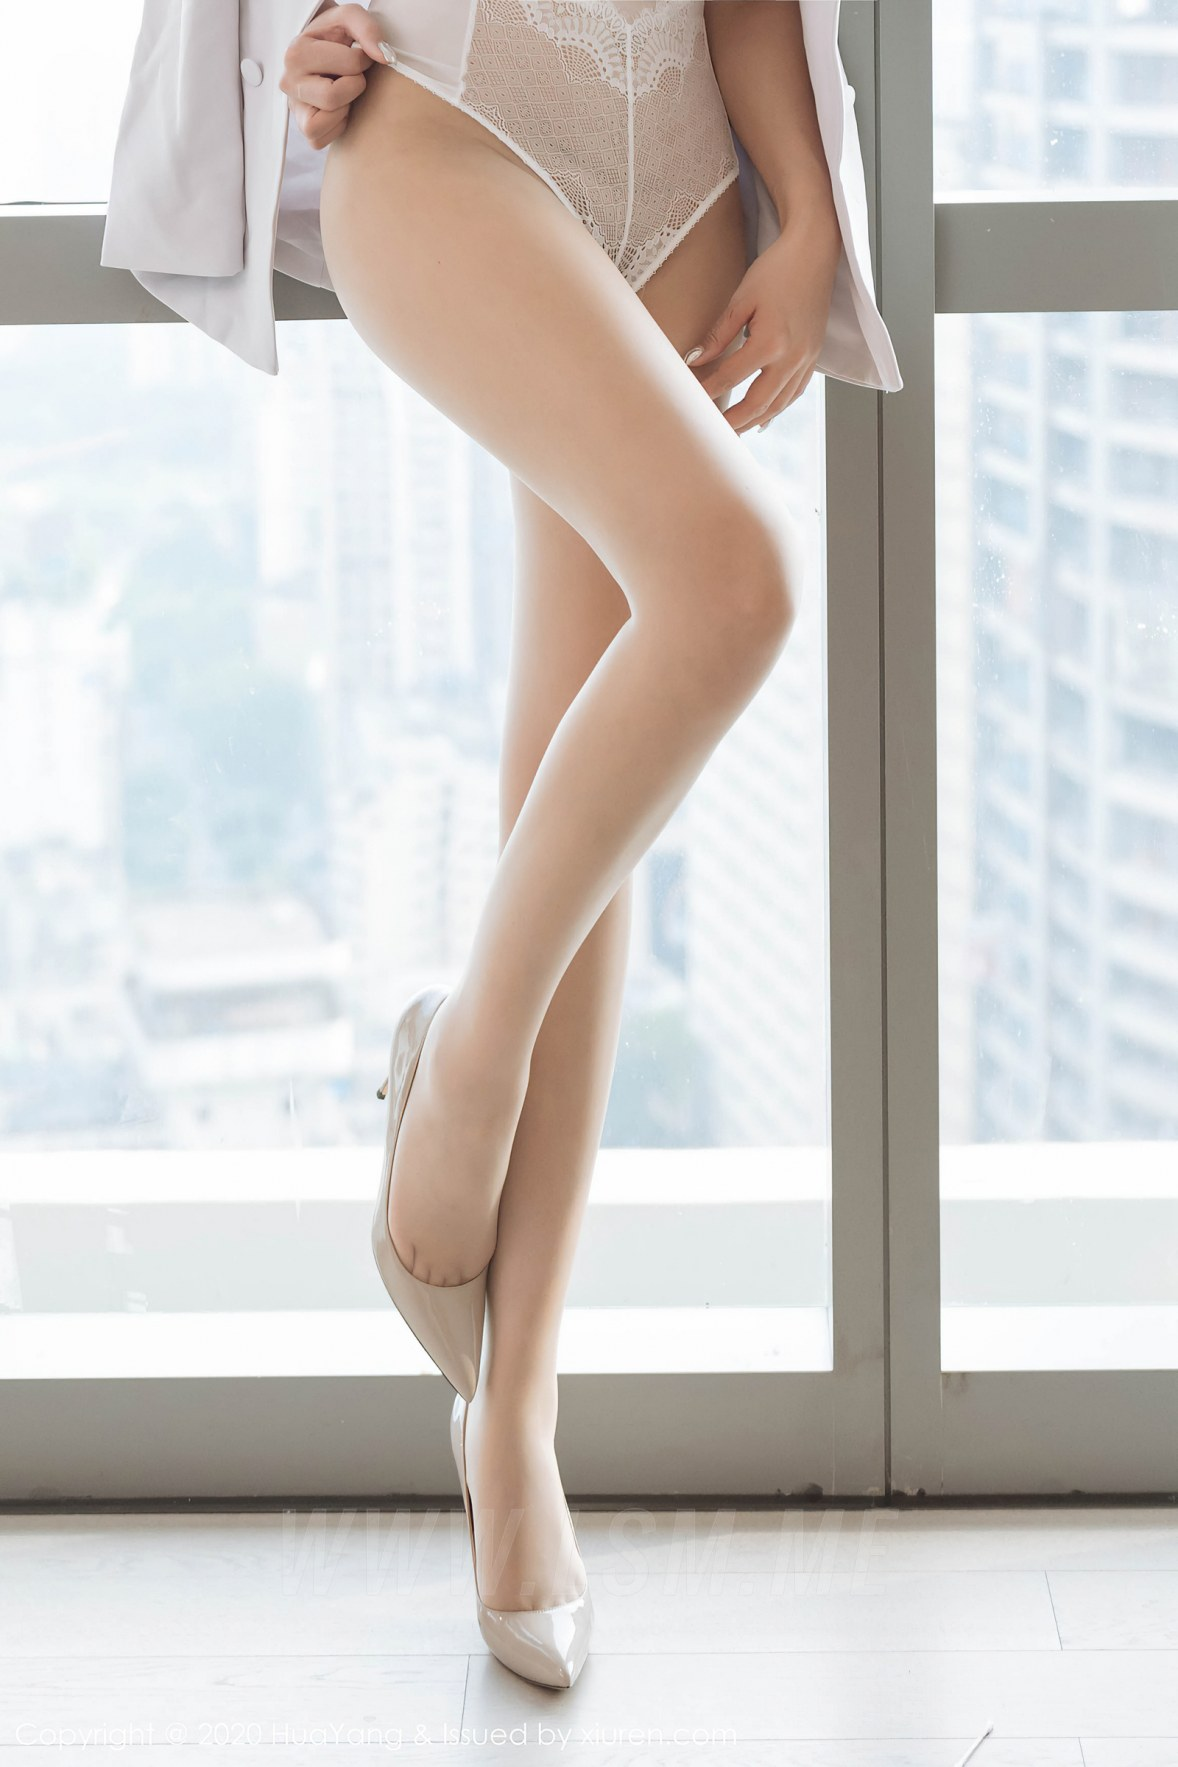 HuaYang 花漾show Vol.270 欧范美女 乔安娜 首套写真 - 3